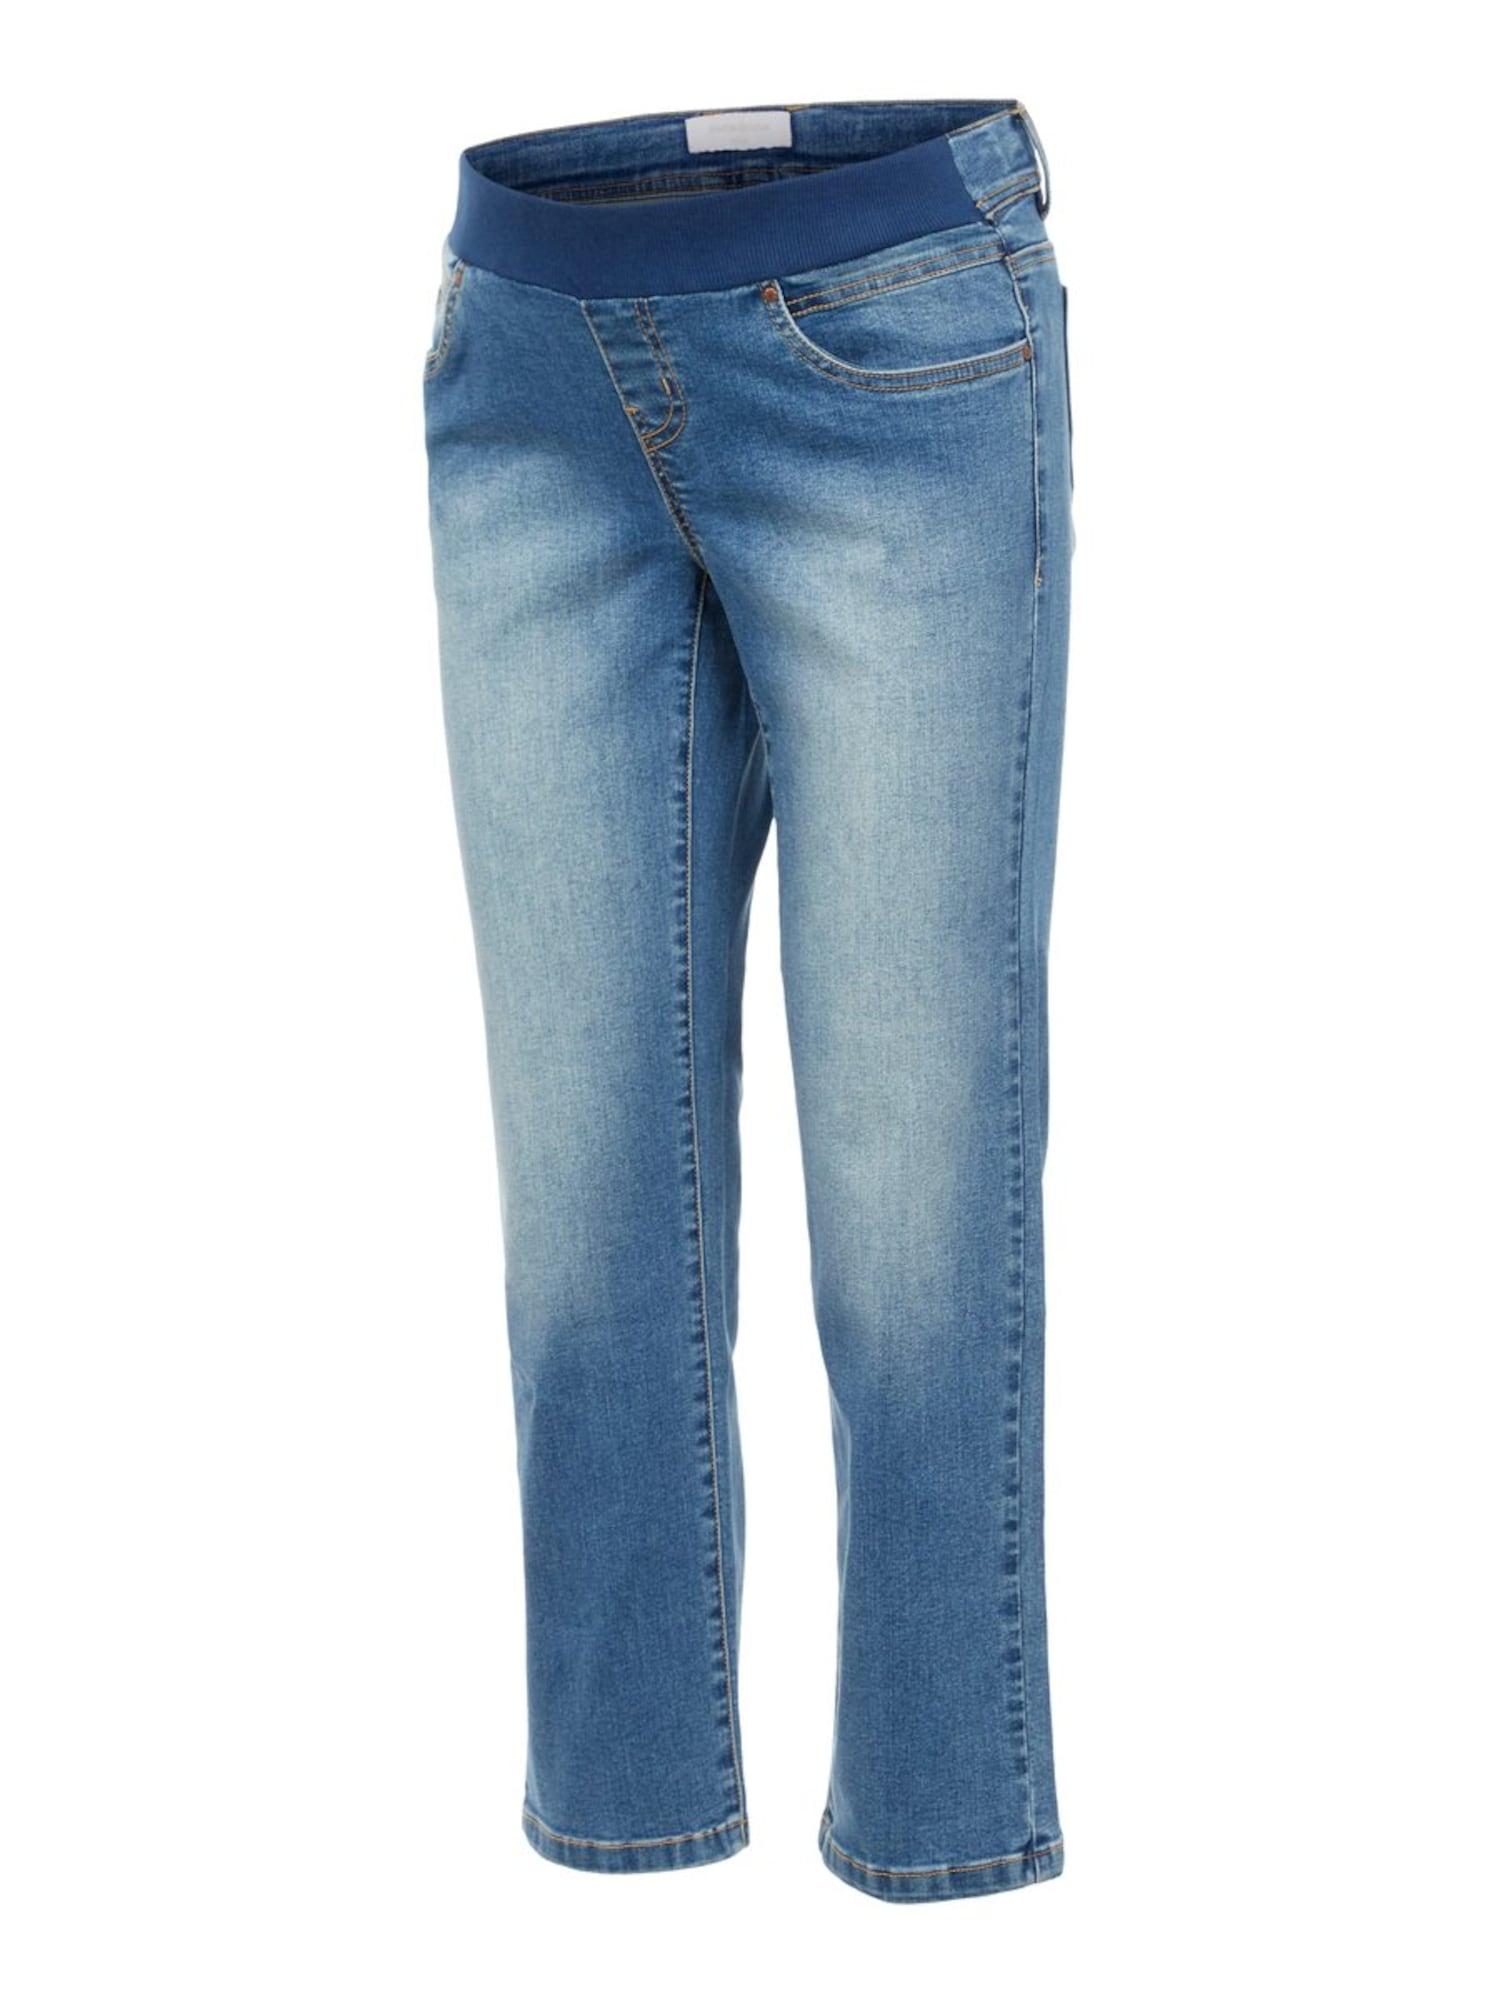 MAMALICIOUS Jean 'Marbella'  - Bleu - Taille: 27/32 - female